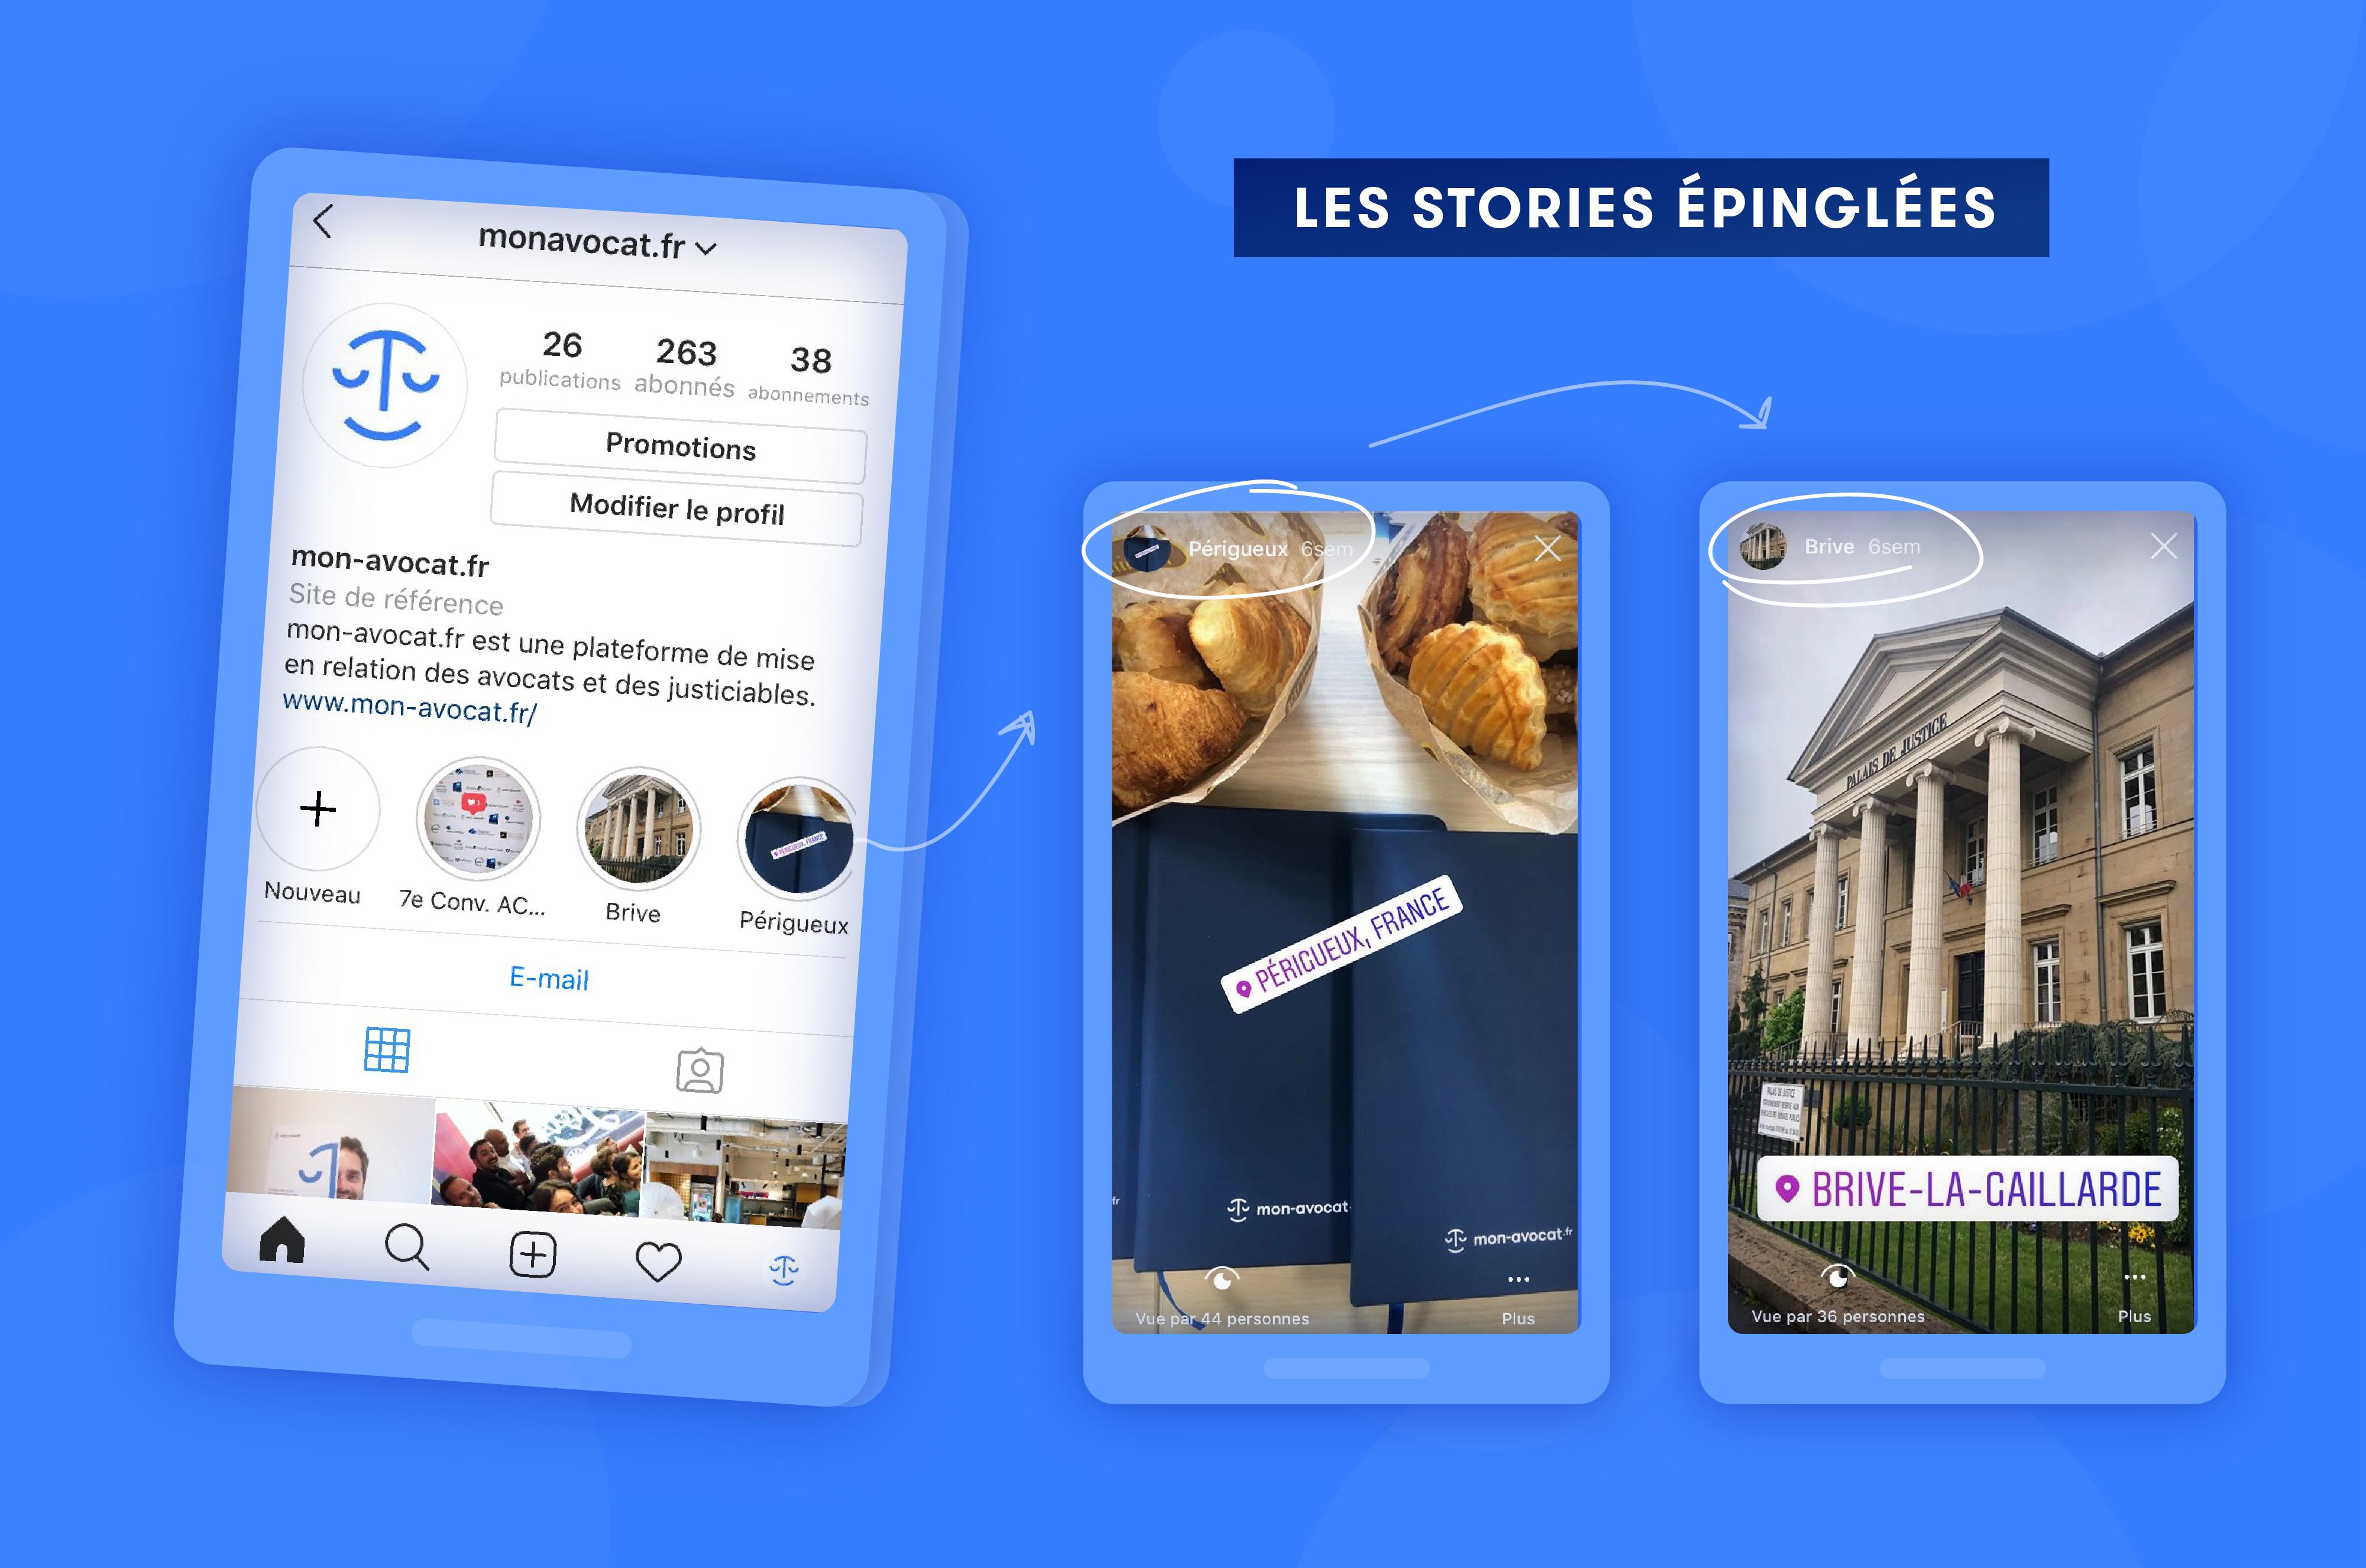 Les stories épinglées sur Instagram